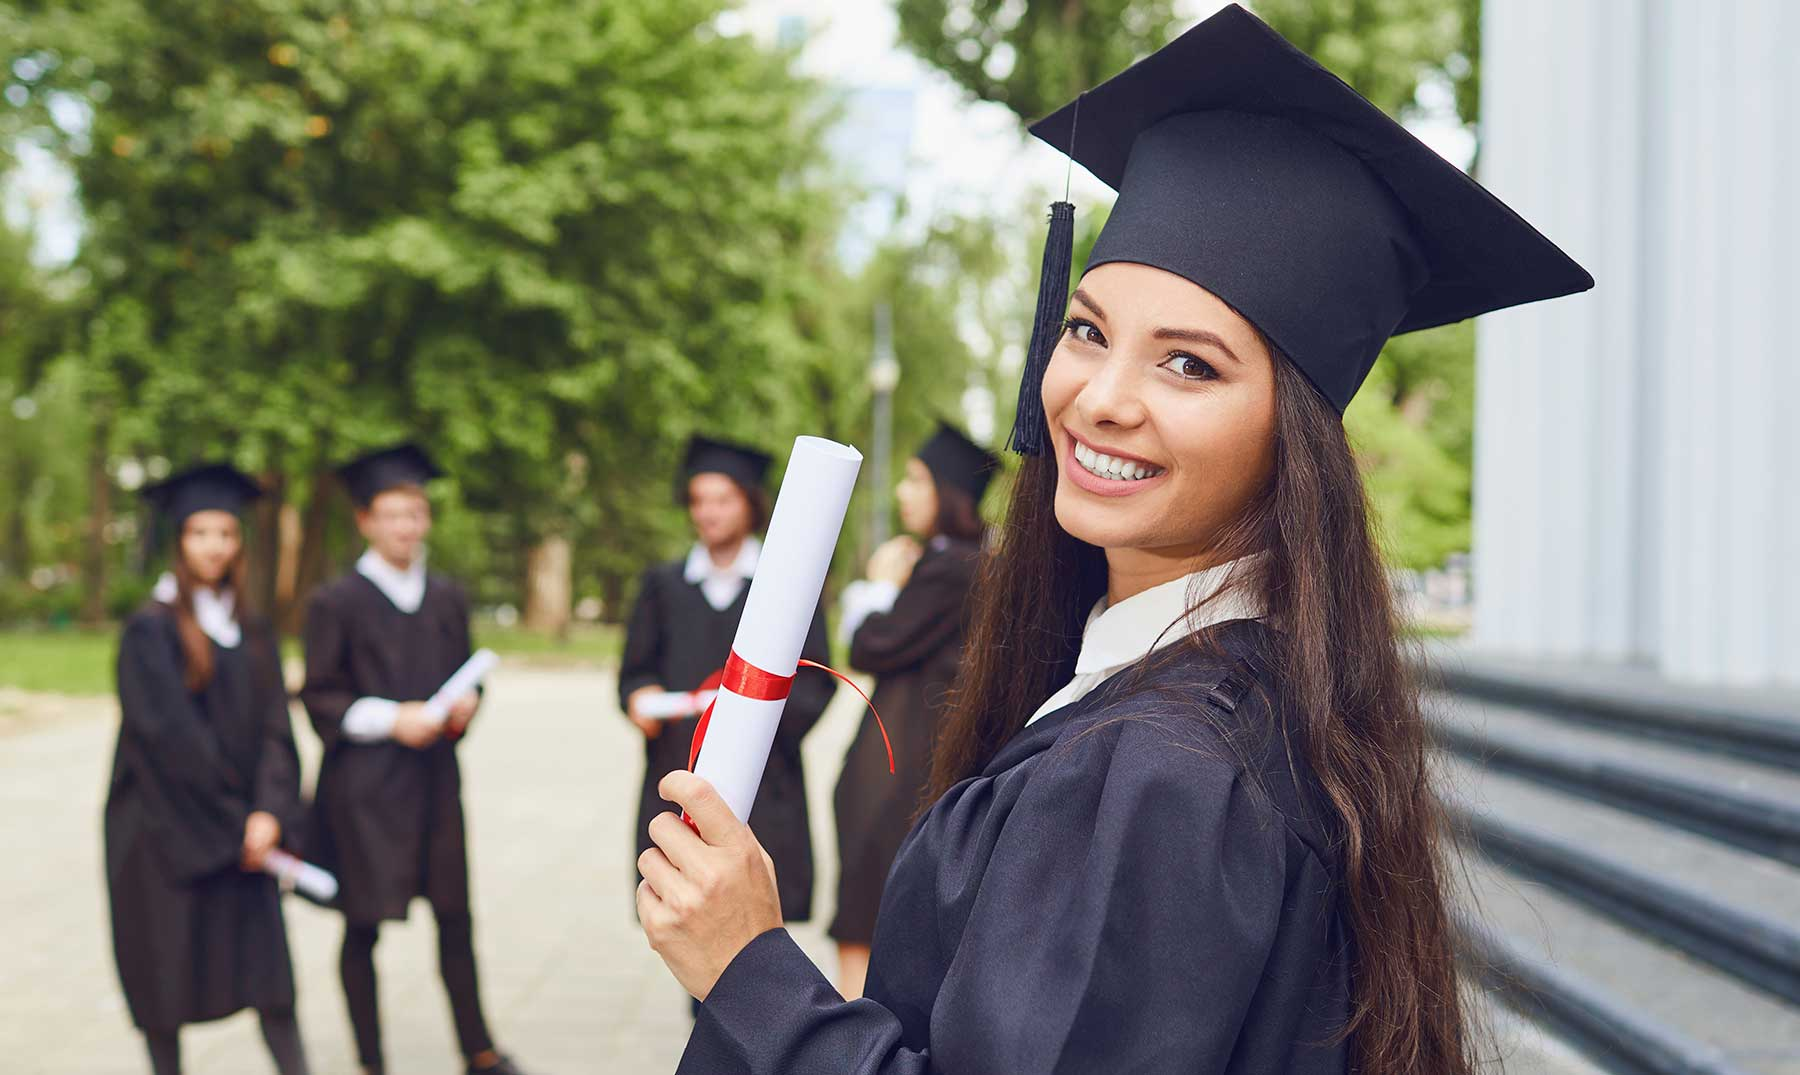 Convalidar estudios en España | Una guía con los pasos fundamentales